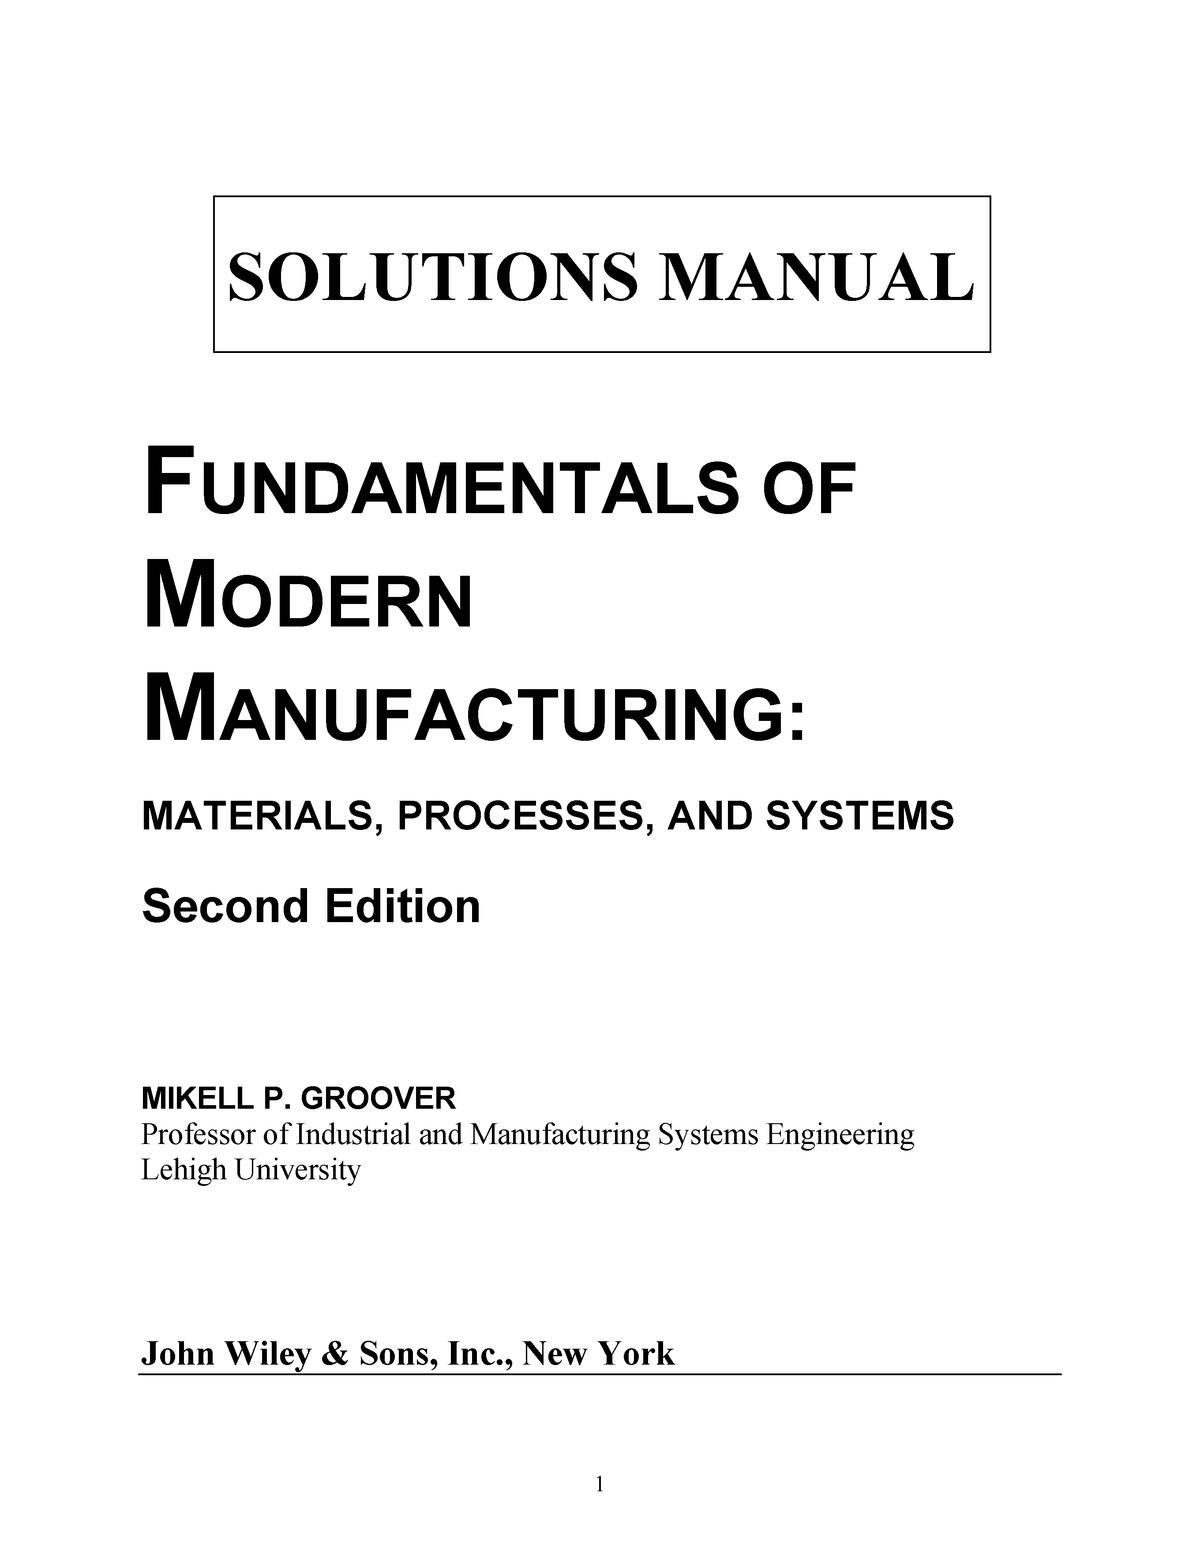 Solucionario de Fundamentos de Manufactura Moderna 2da